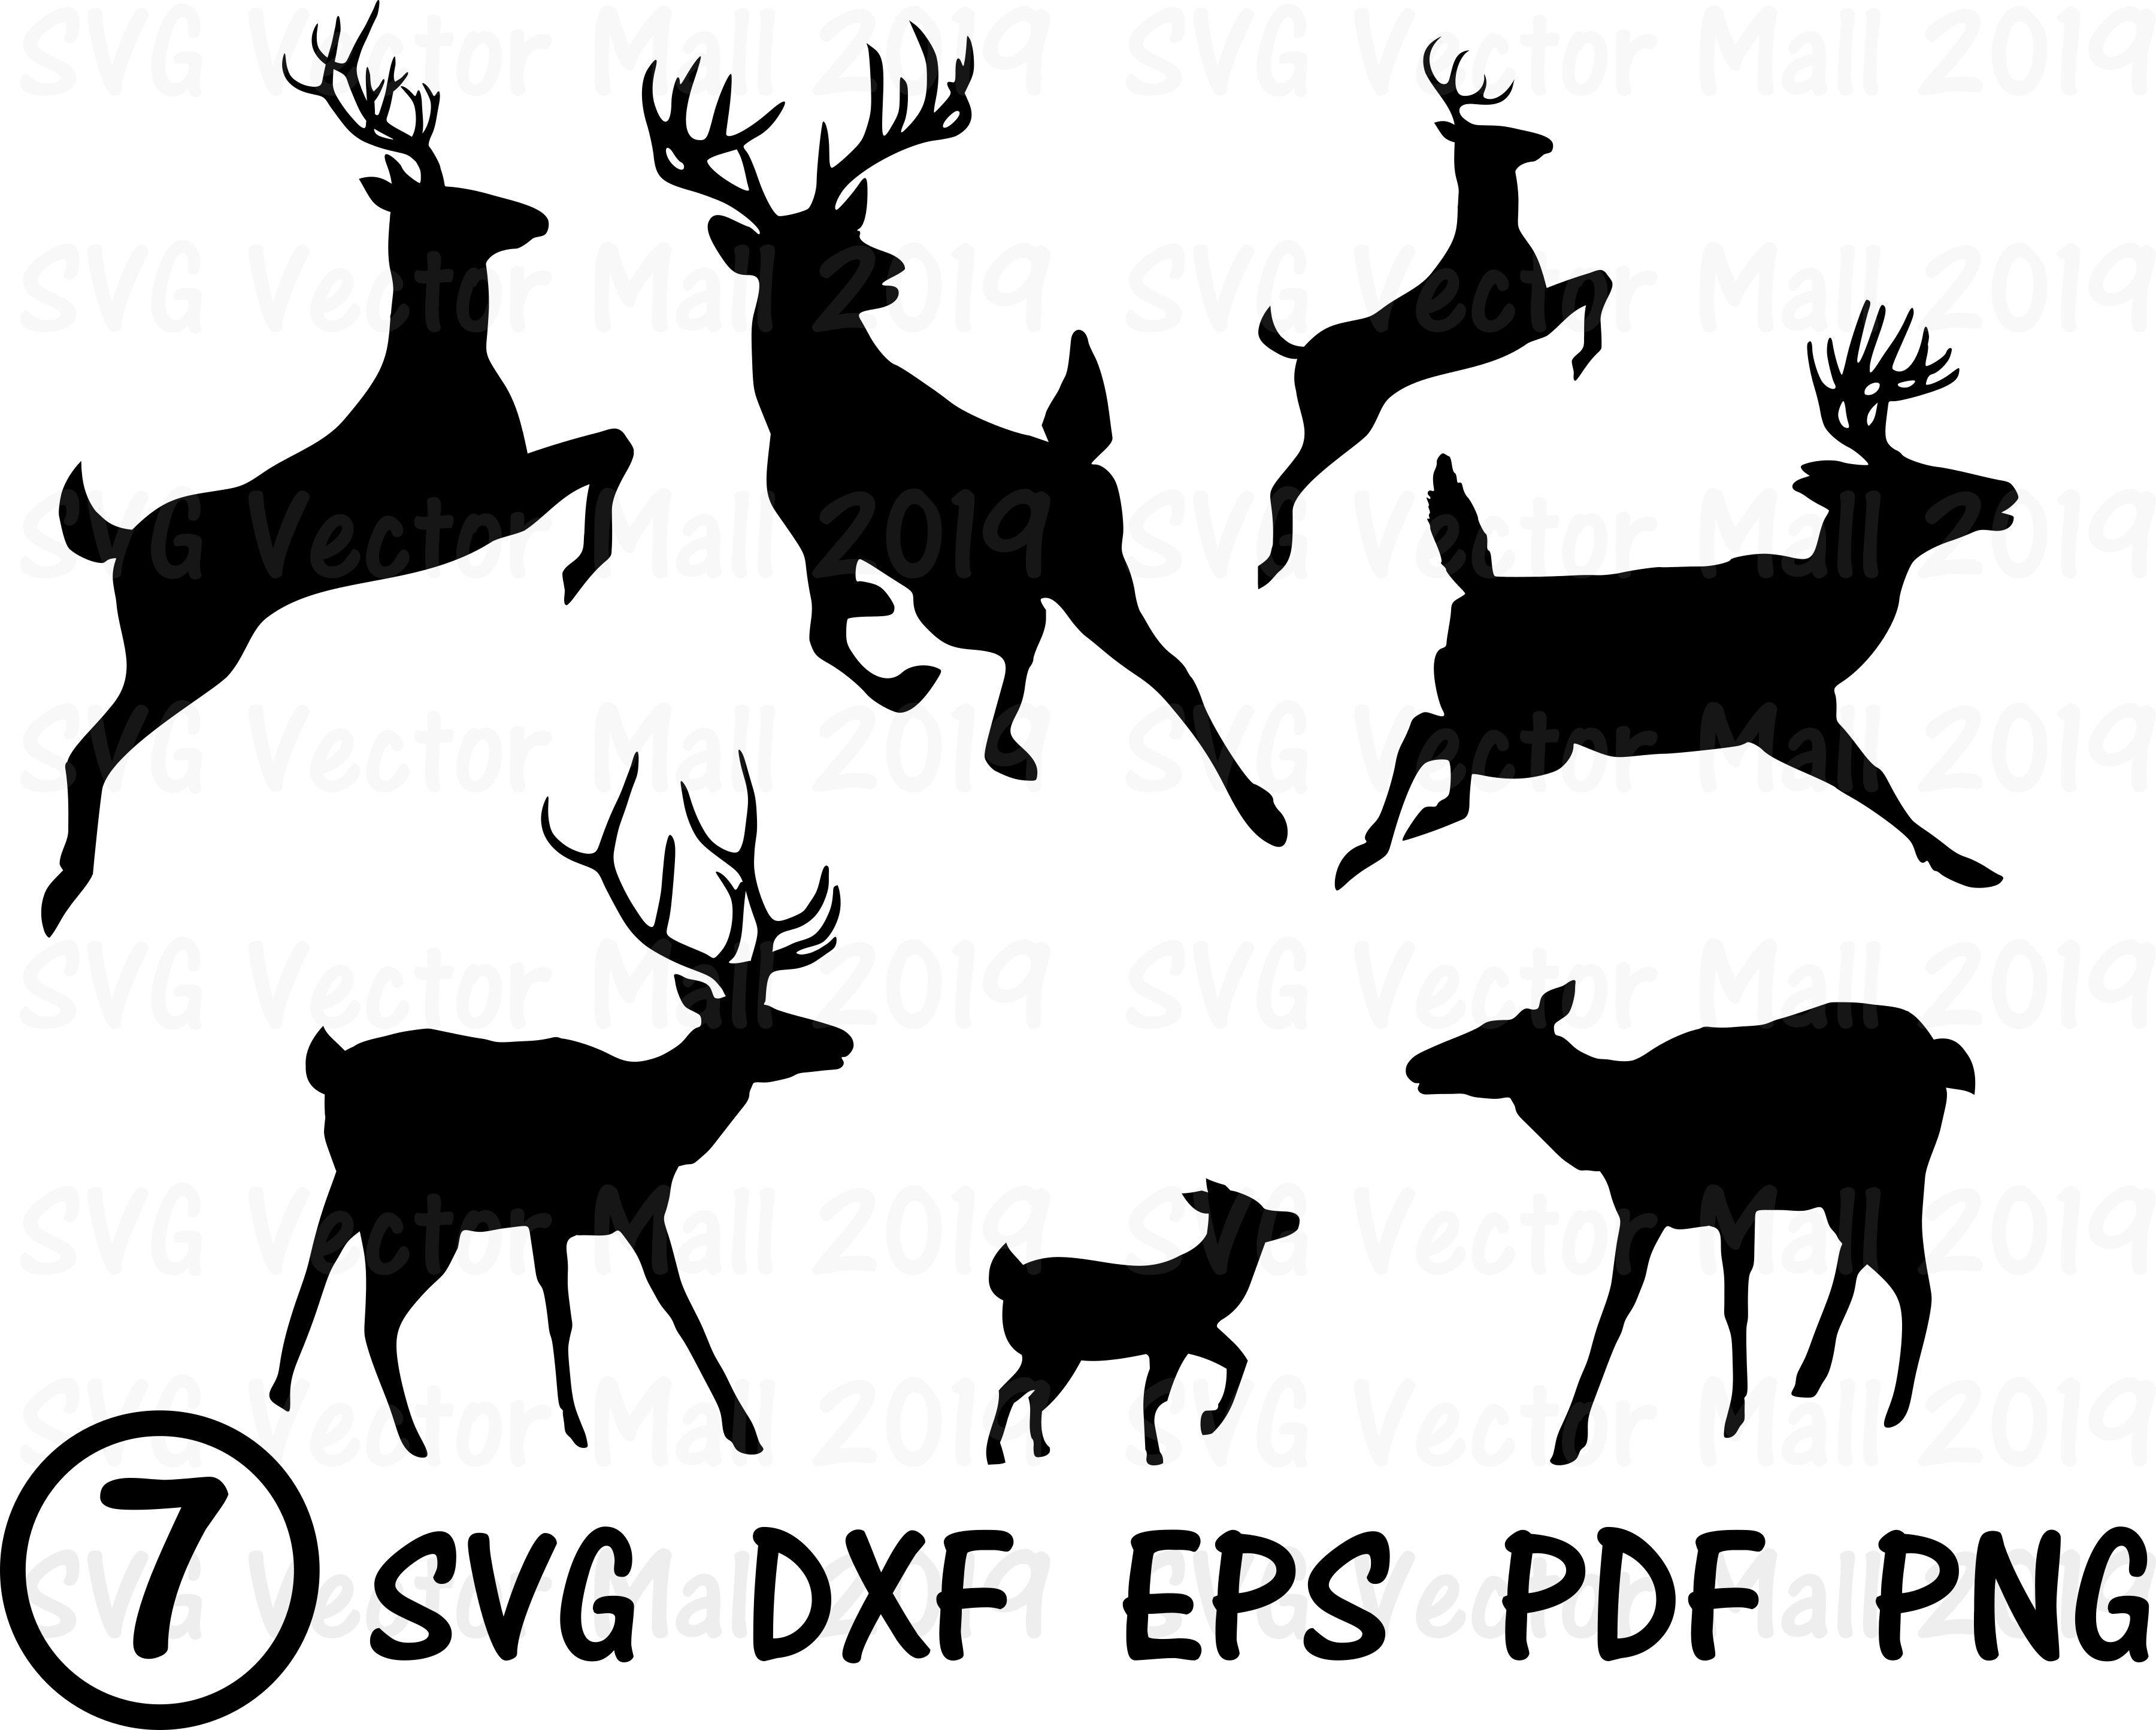 Deer, Deer Silhouettes, Stag, Doe, Fawn, deer SVG